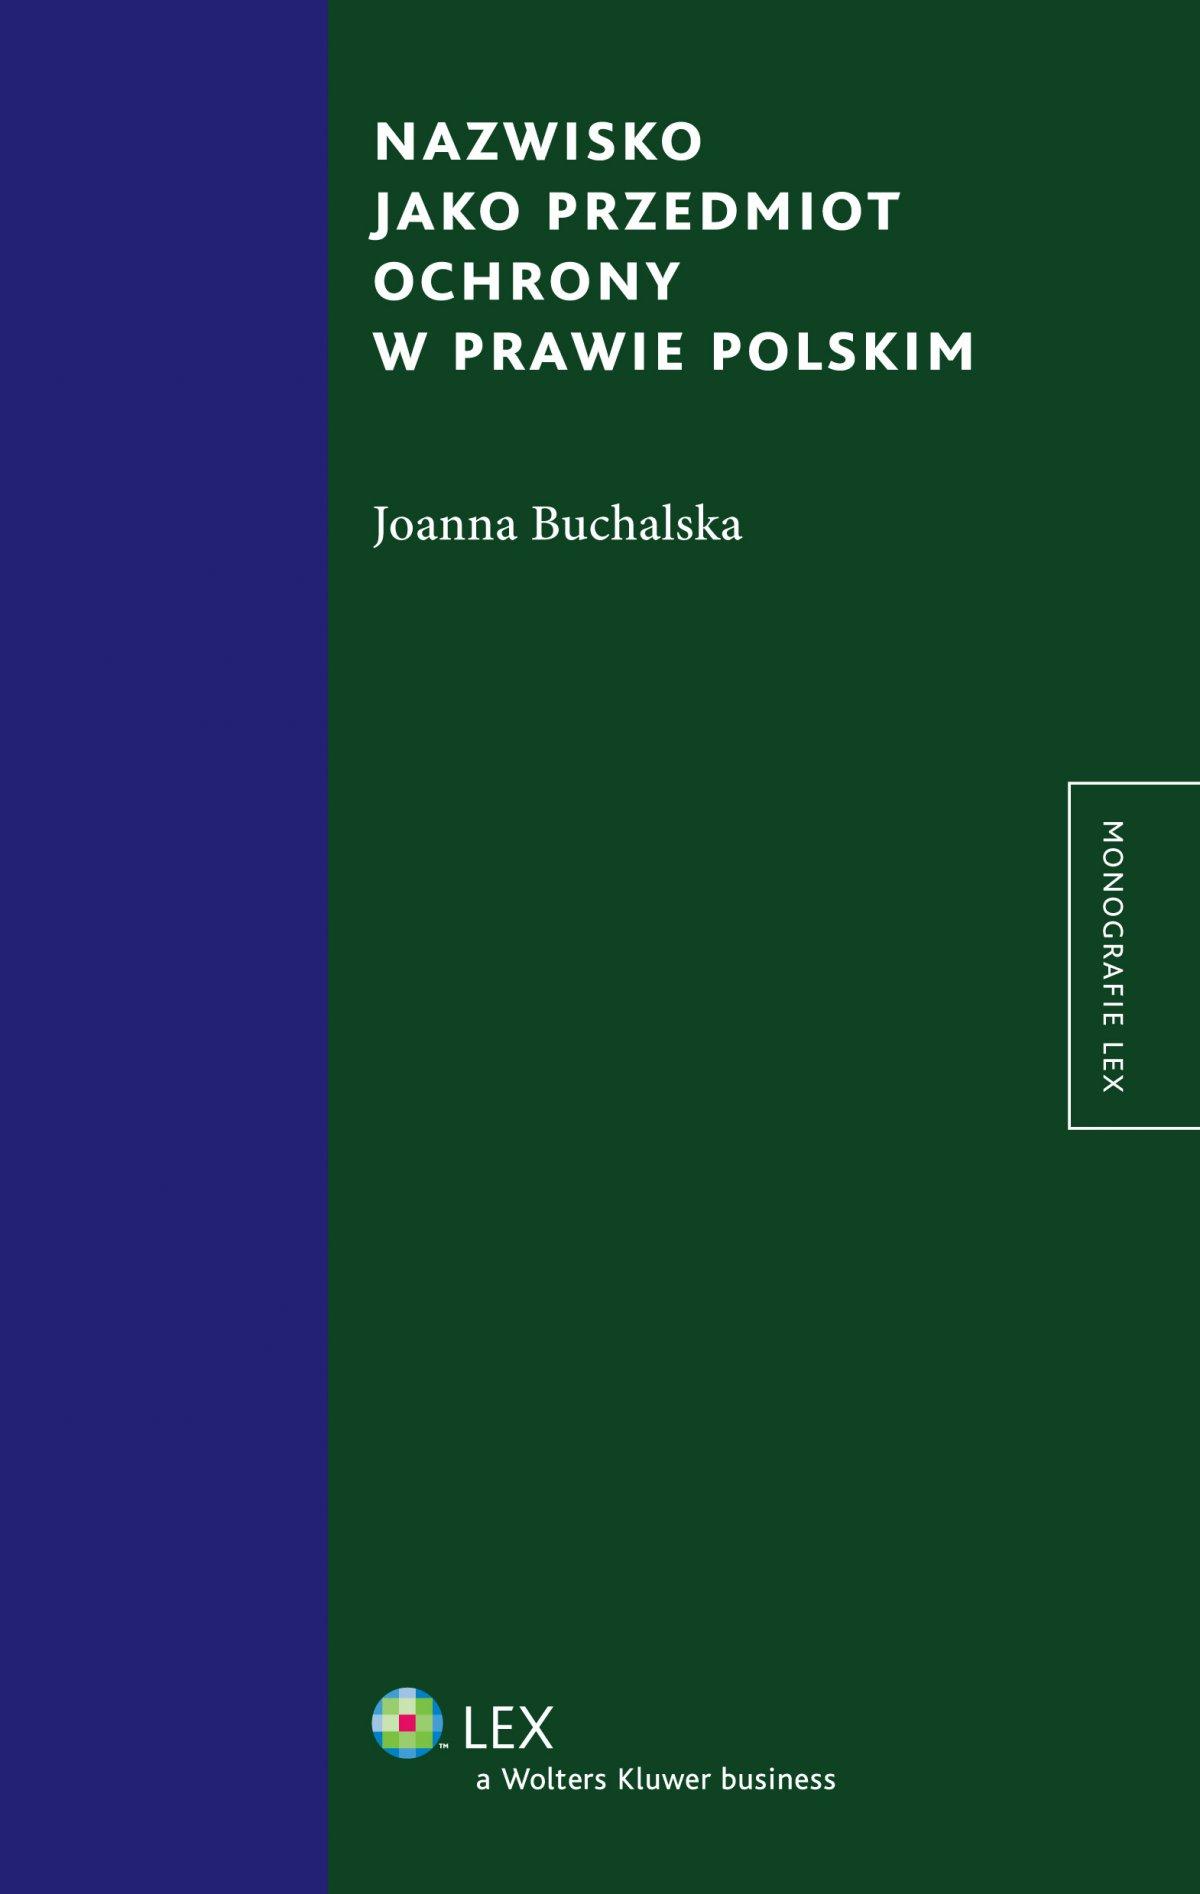 Nazwisko jako przedmiot ochrony w prawie polskim. Wydanie 1 - Ebook (Książka EPUB) do pobrania w formacie EPUB